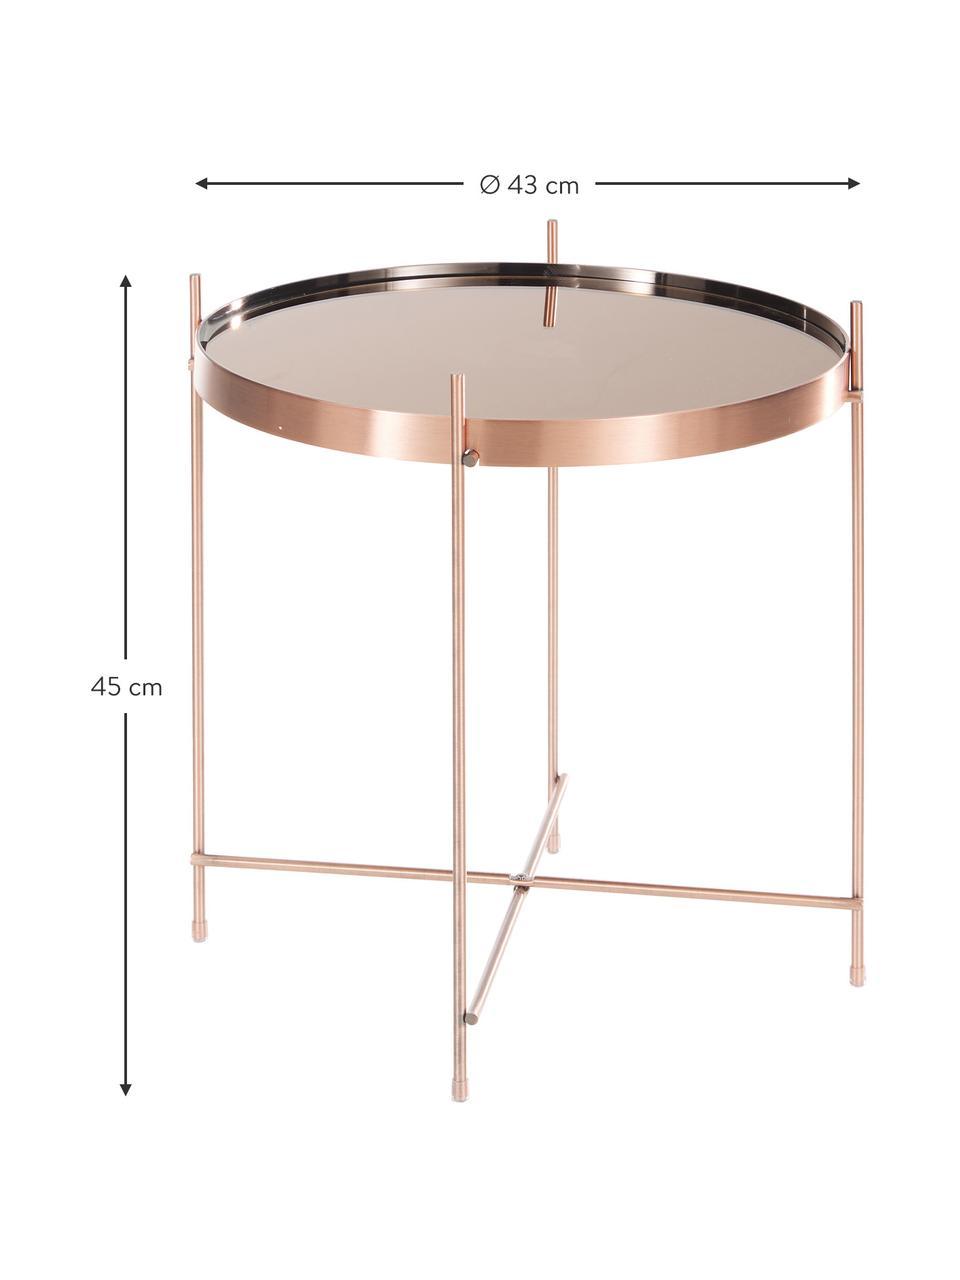 Tablett-Beistelltisch Cupid mit Glasplatte, Gestell: Metall, verkupfert, Tischplatte: Glas, Kupfer, Ø 43 x H 45 cm